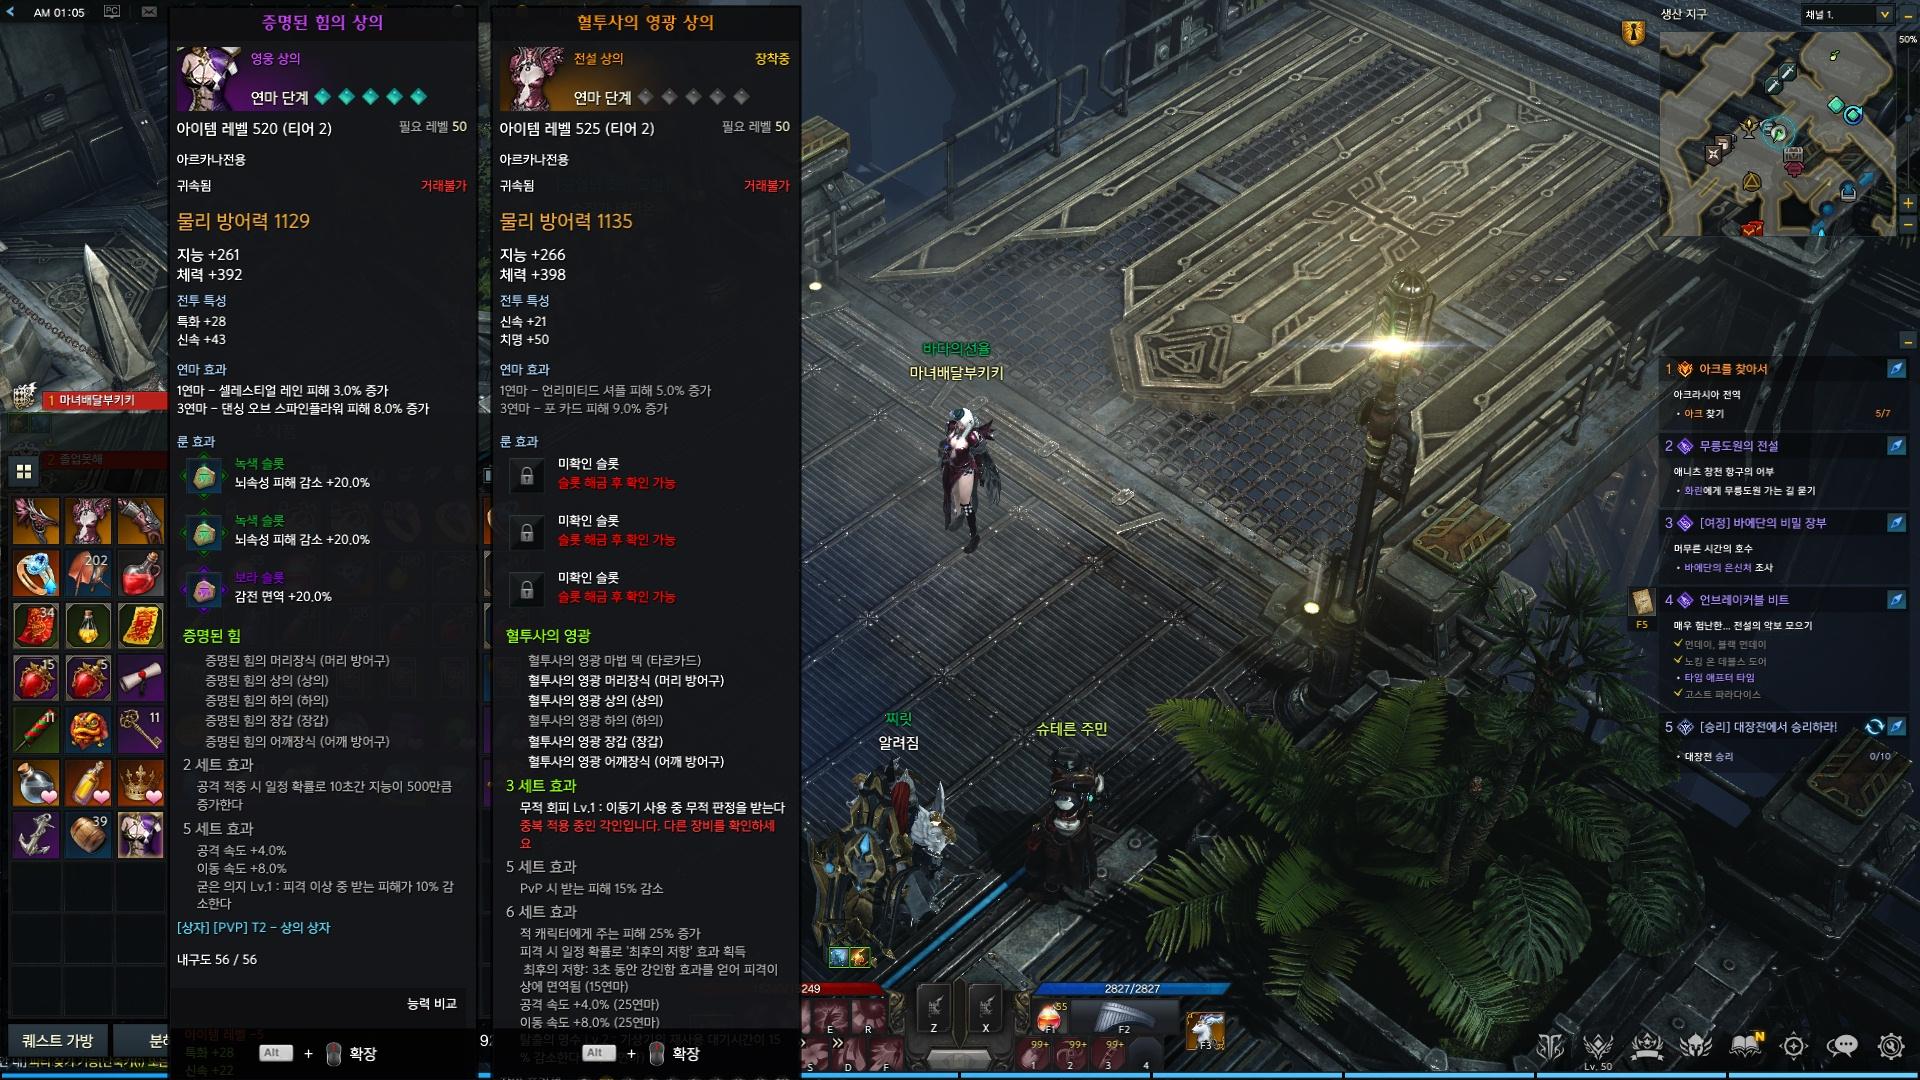 Screenshot_190411_010510.jpg